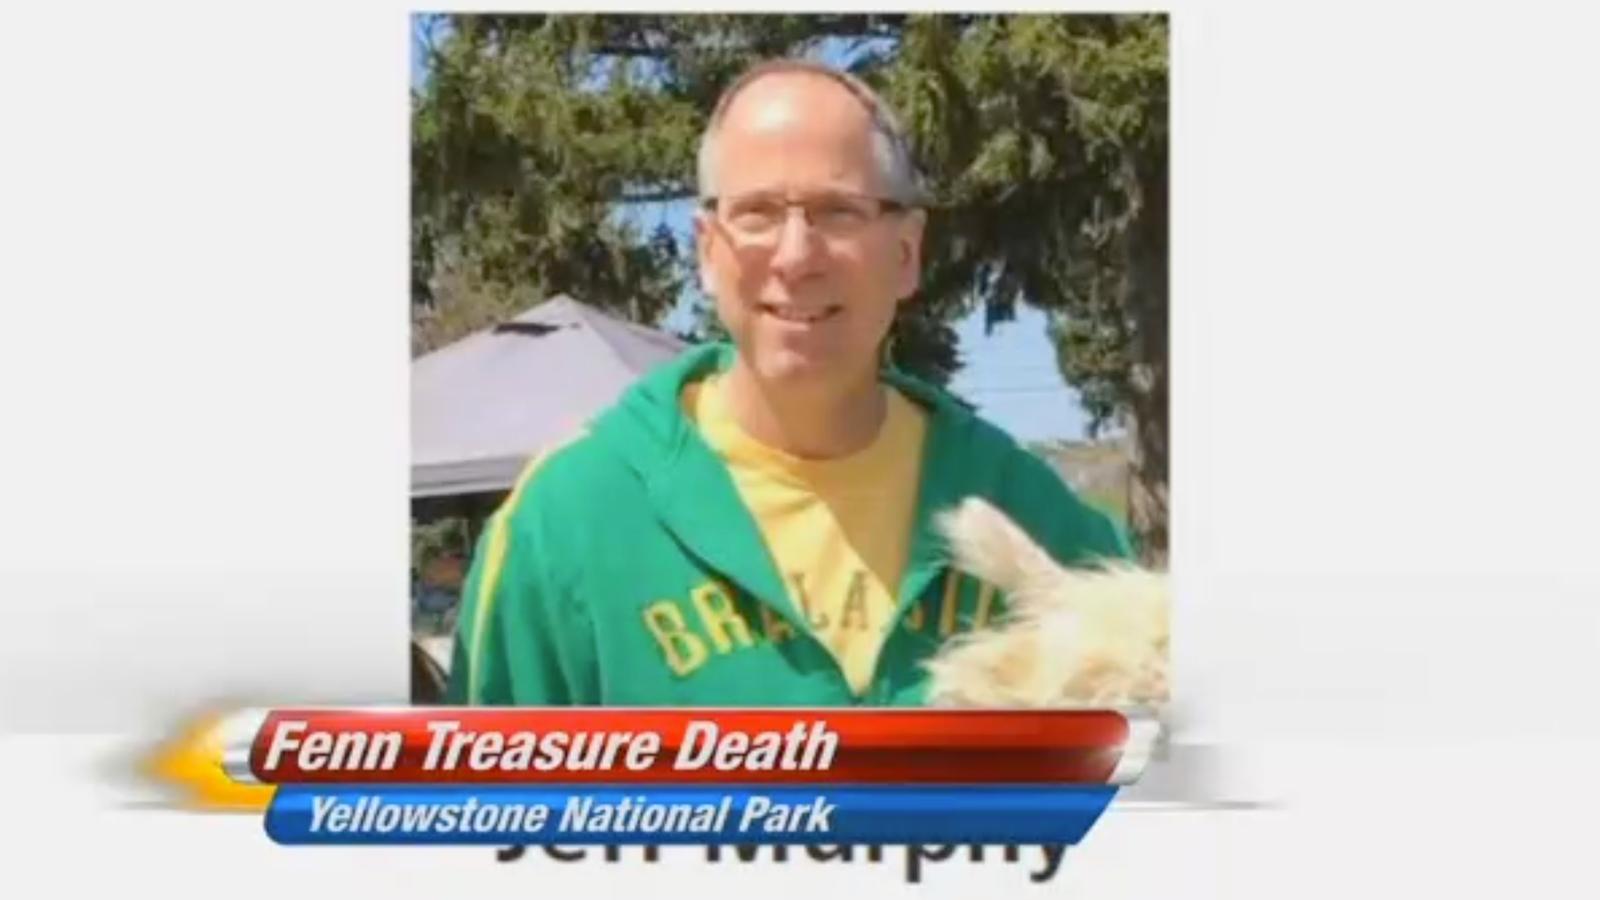 fgqvl0sztuxb6h5zhexl - A Fourth Man Has Died Seeking the Buried Treasure of an Eccentric Millionaire